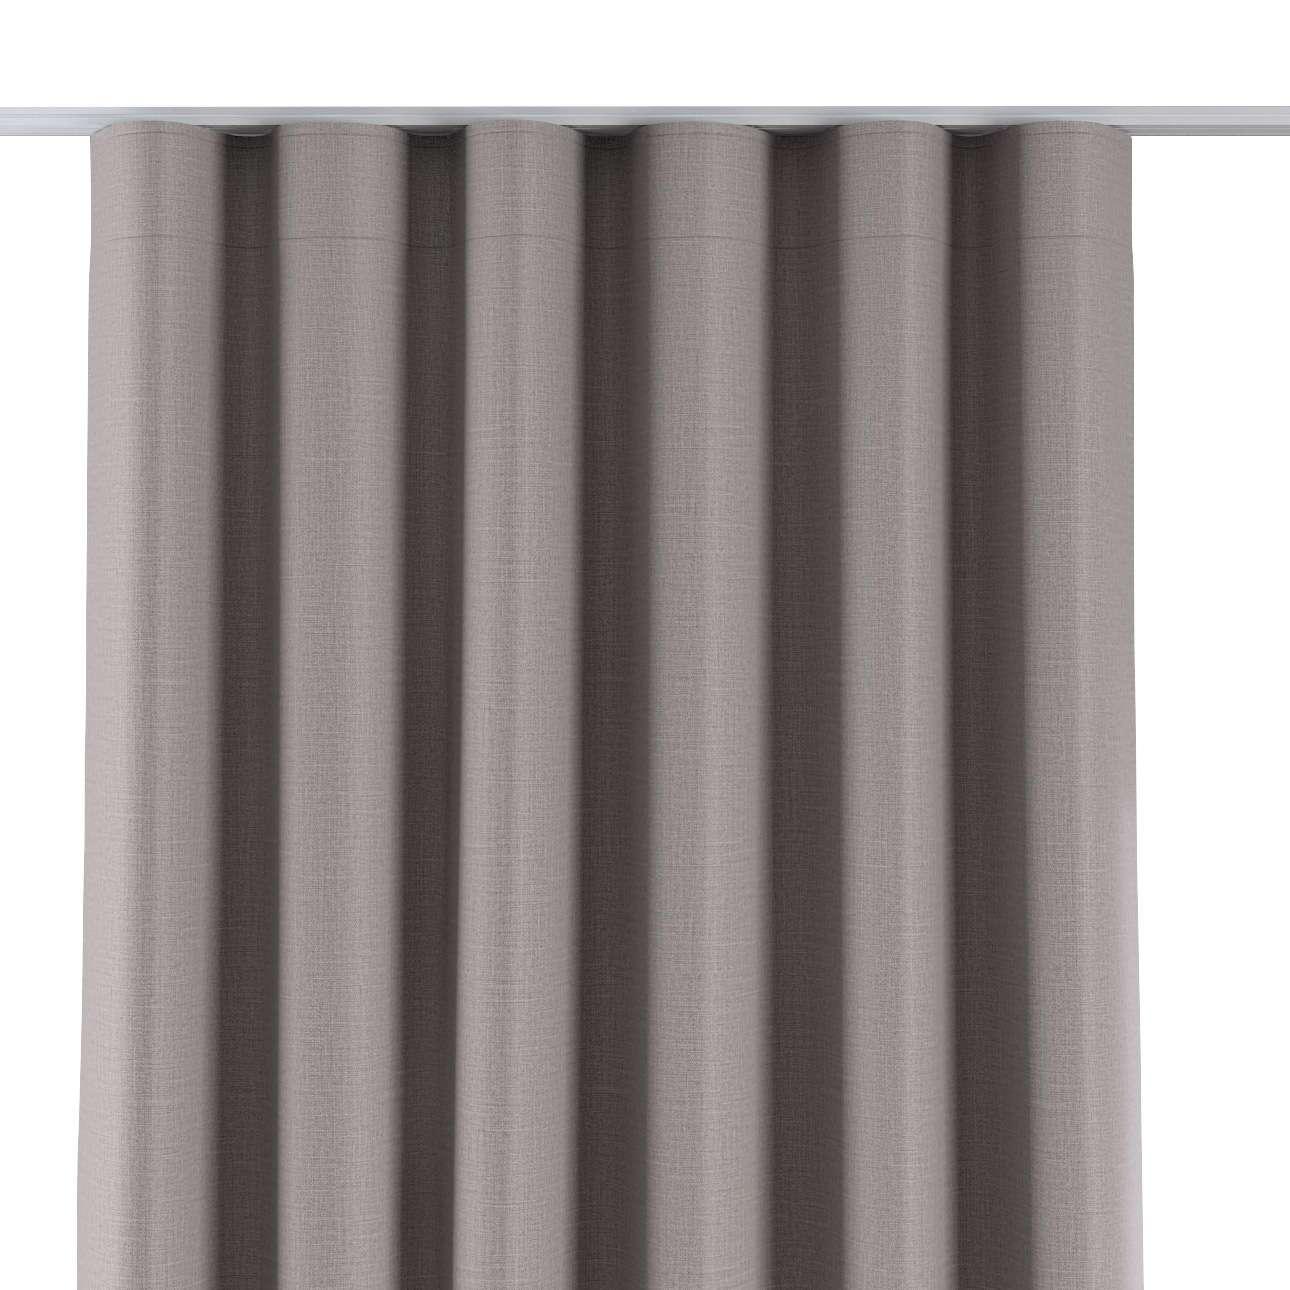 Zaves s riasením WAVE V kolekcii Blackout - zatemňujúca, tkanina: 269-64